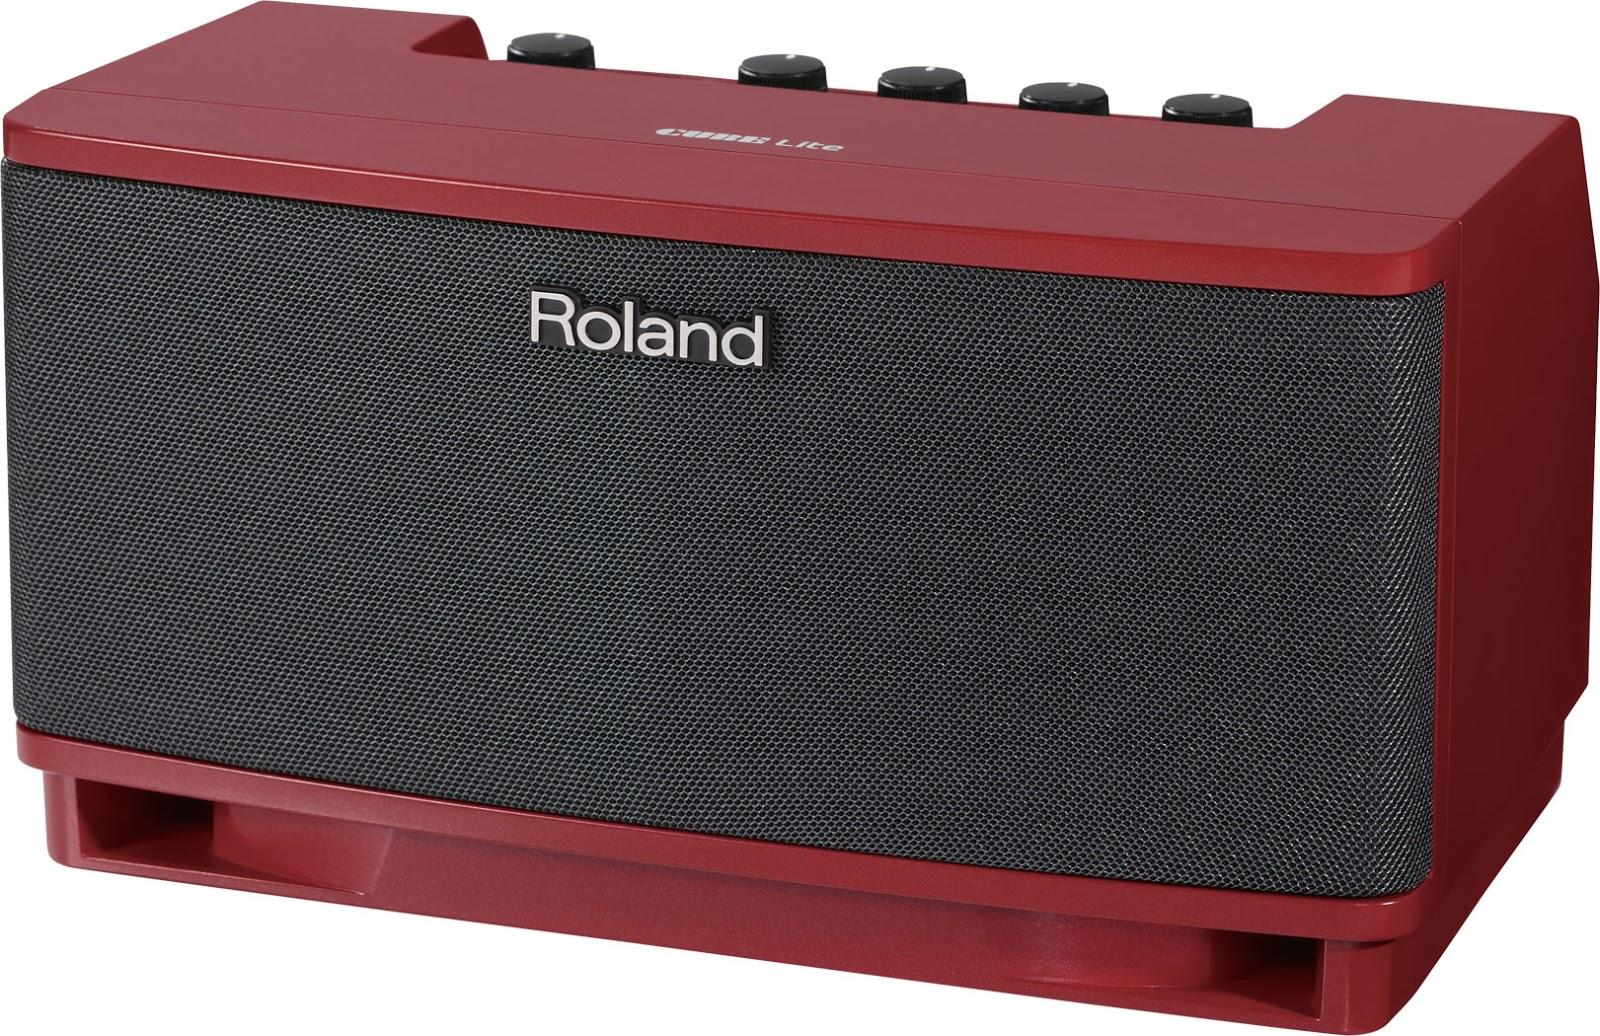 Bán Bộ Loa Combo Roland Cube lite guitar giá rẻ tại tphcm